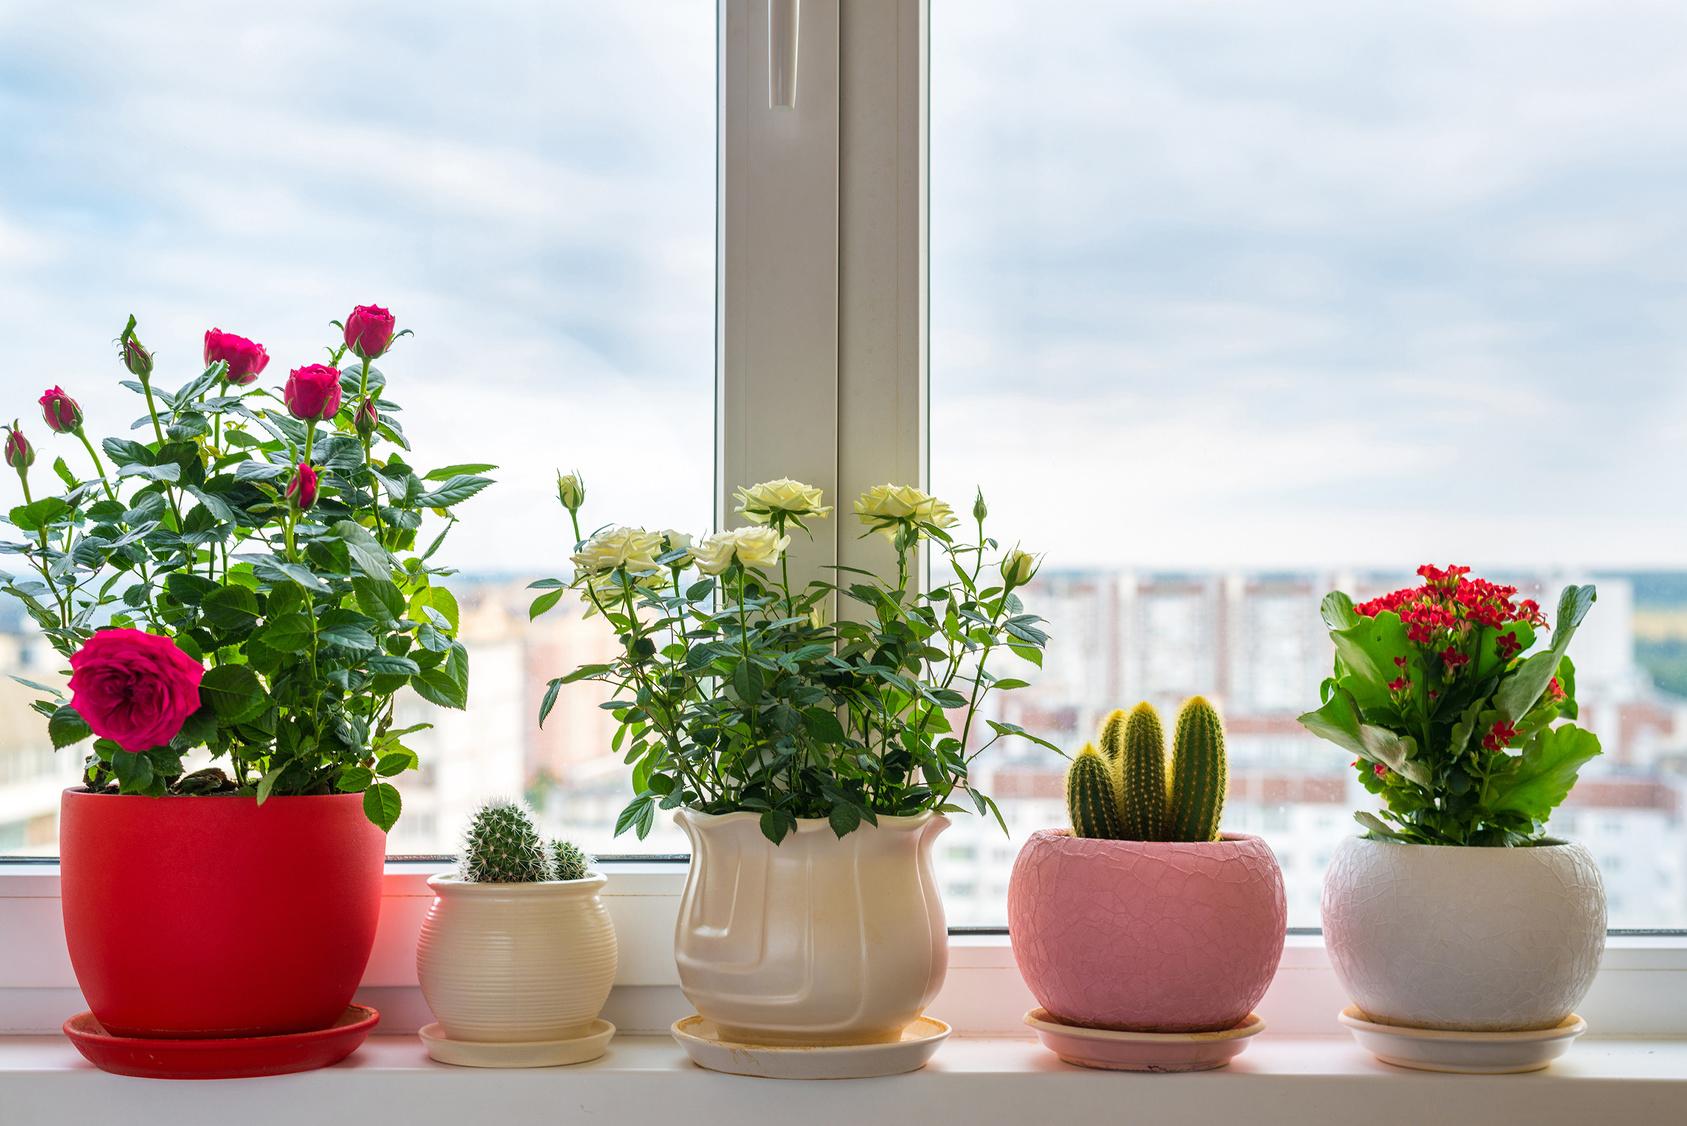 Estetycznie Na Parapecie Rośliny Doniczkowe Pod Oknem